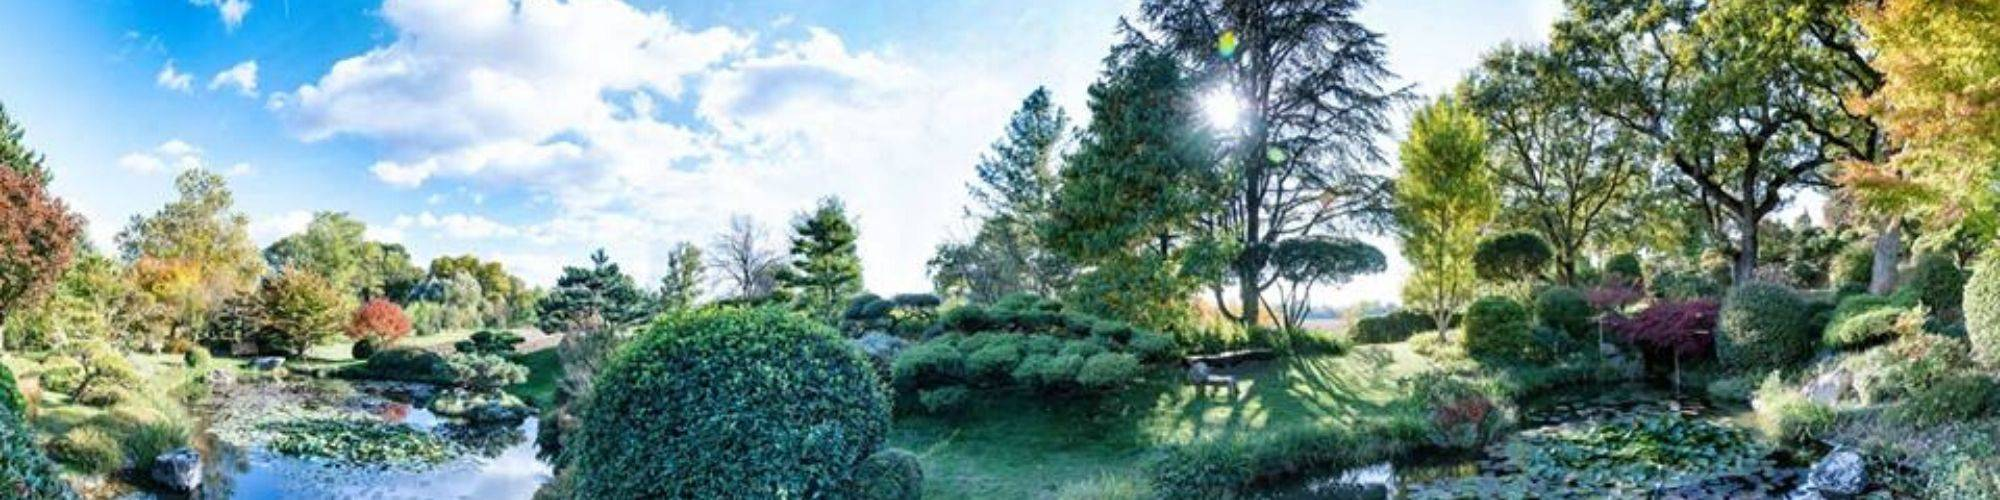 jardin Zen D'Erik Borja